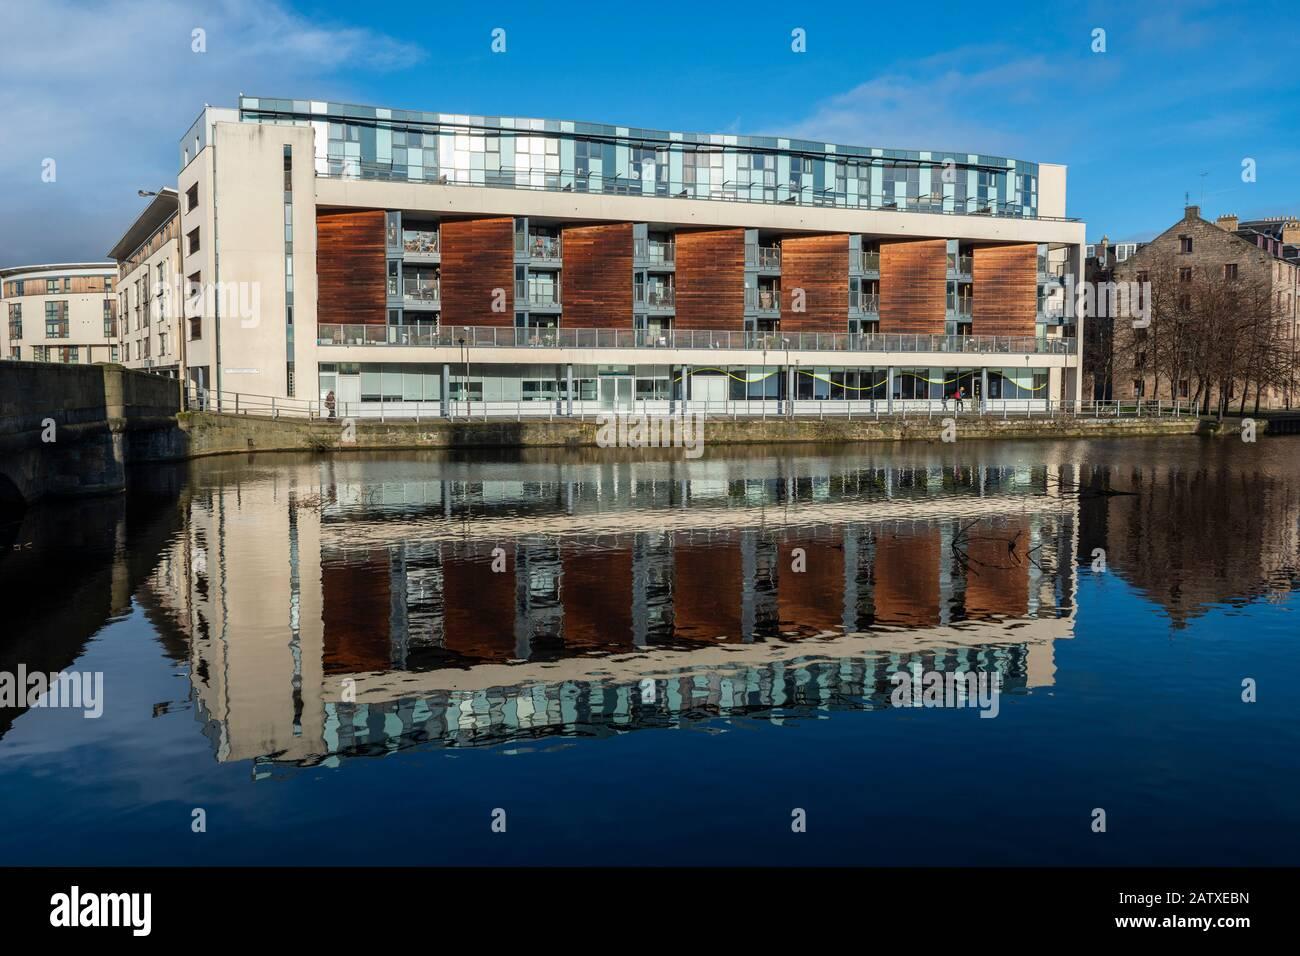 Immeuble d'appartements moderne sur Sandport Place reflété dans l'eau de Leith à Leith, Édimbourg, Écosse, Royaume-Uni Banque D'Images